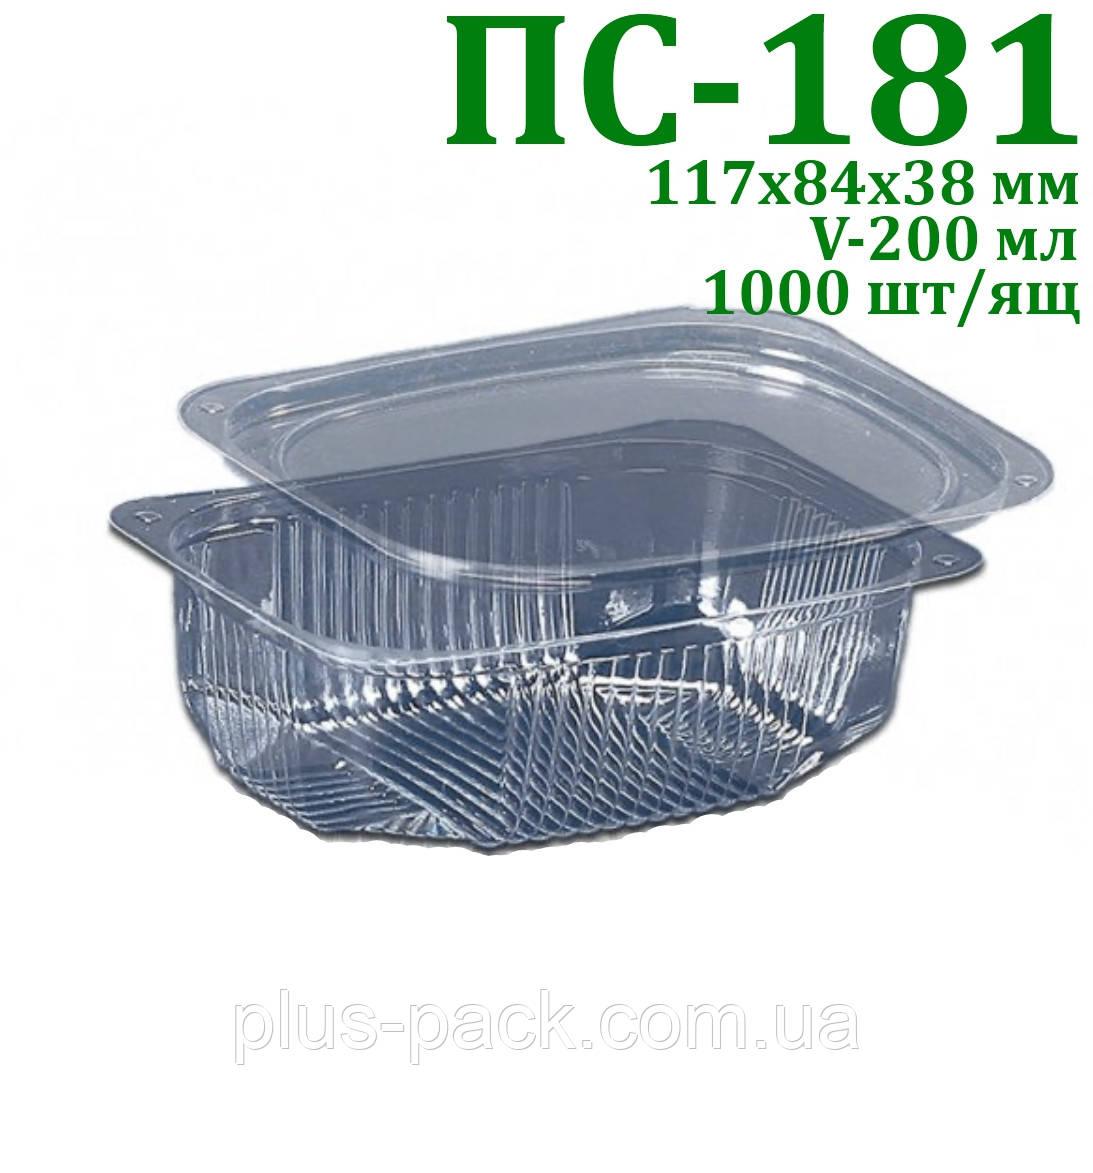 Упаковка пластикова для харчових продуктів (200 мл), 1000шт/ящ